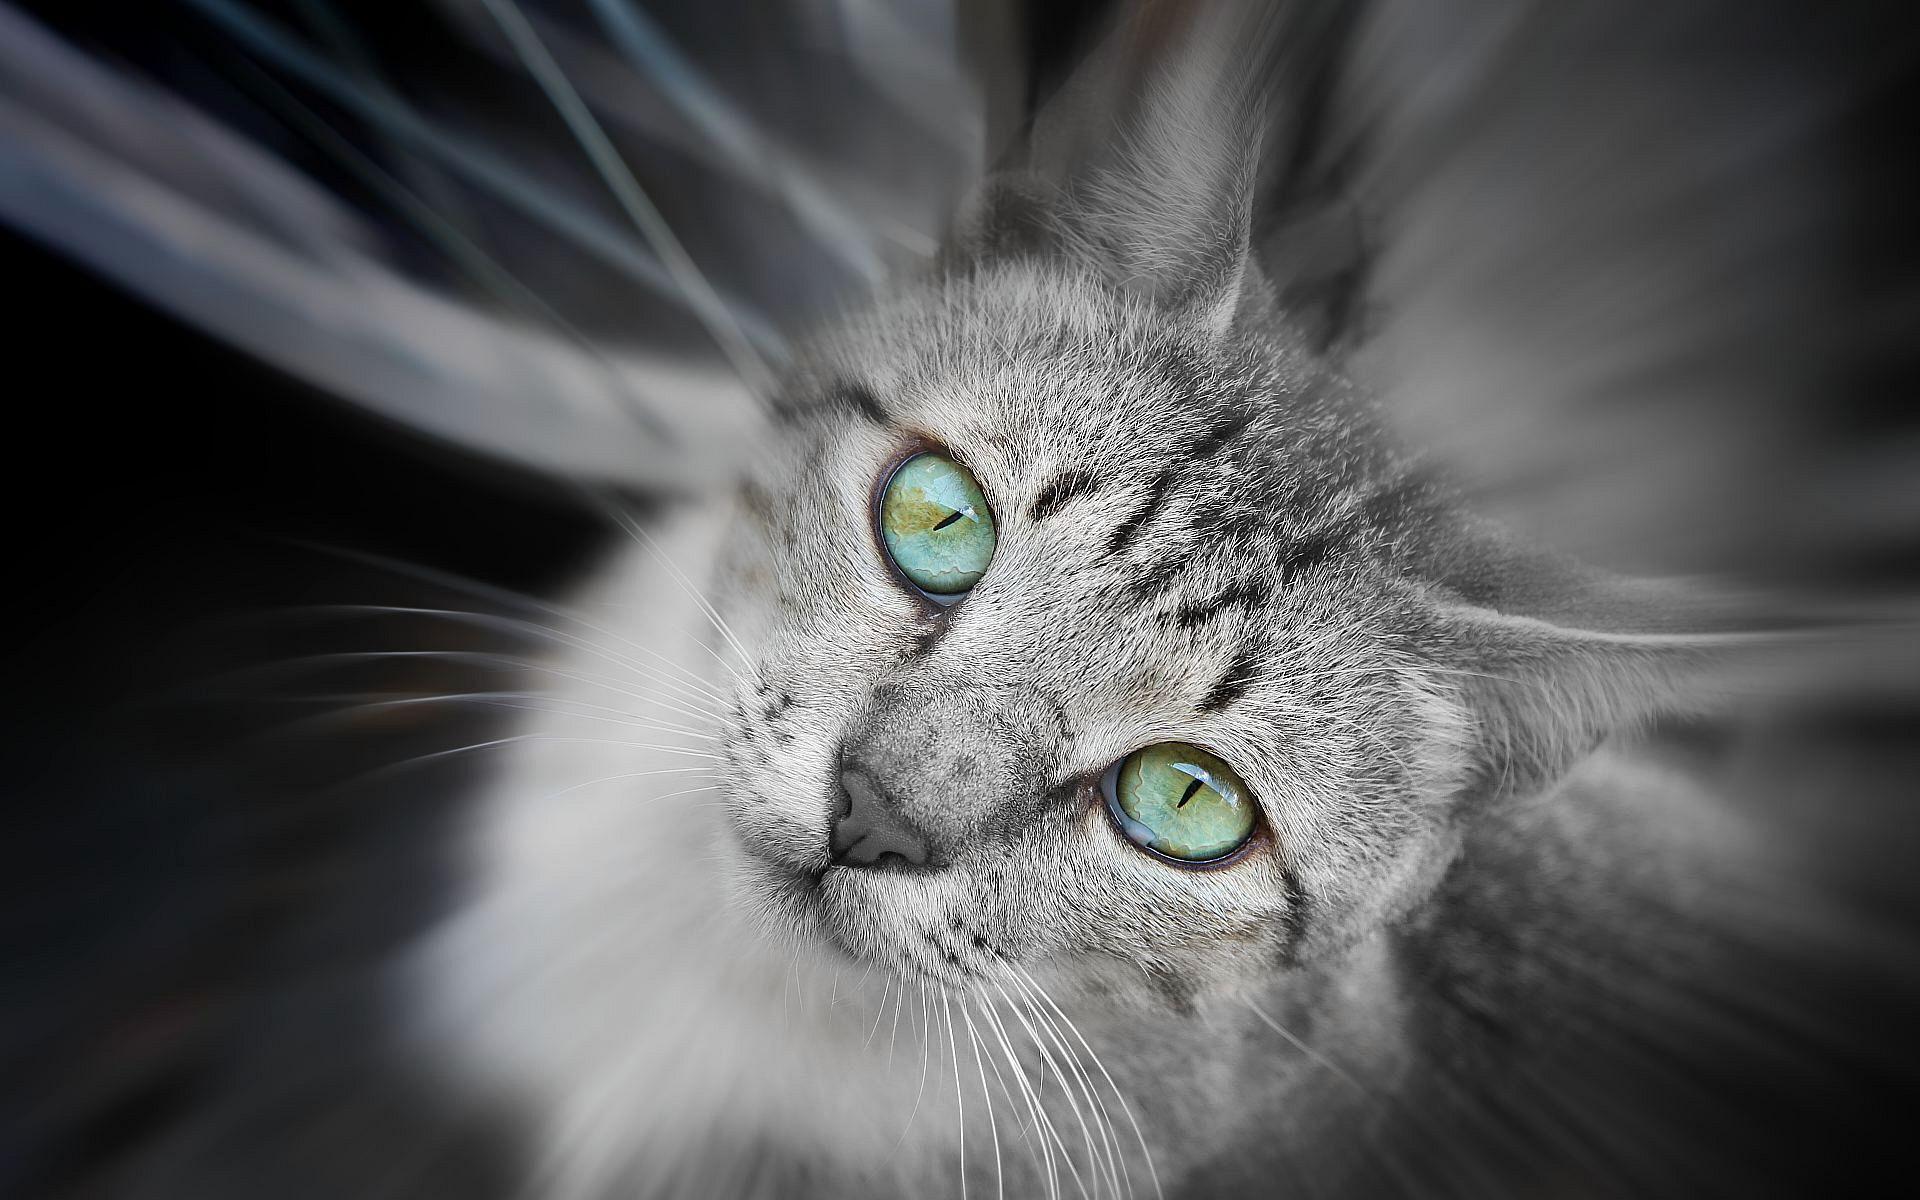 кот с бирюзовыми глазами скачать